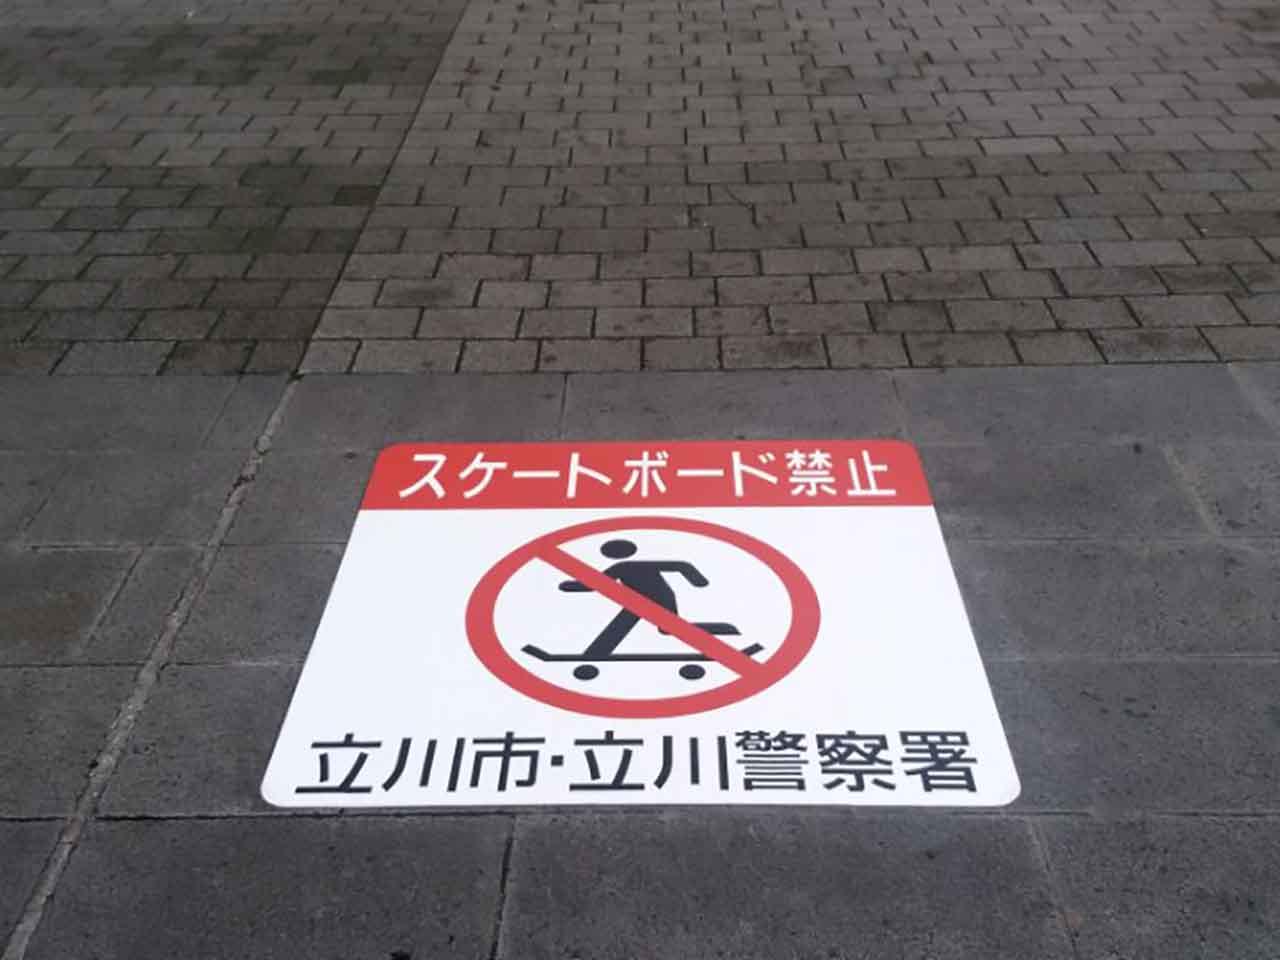 スケートボード禁止